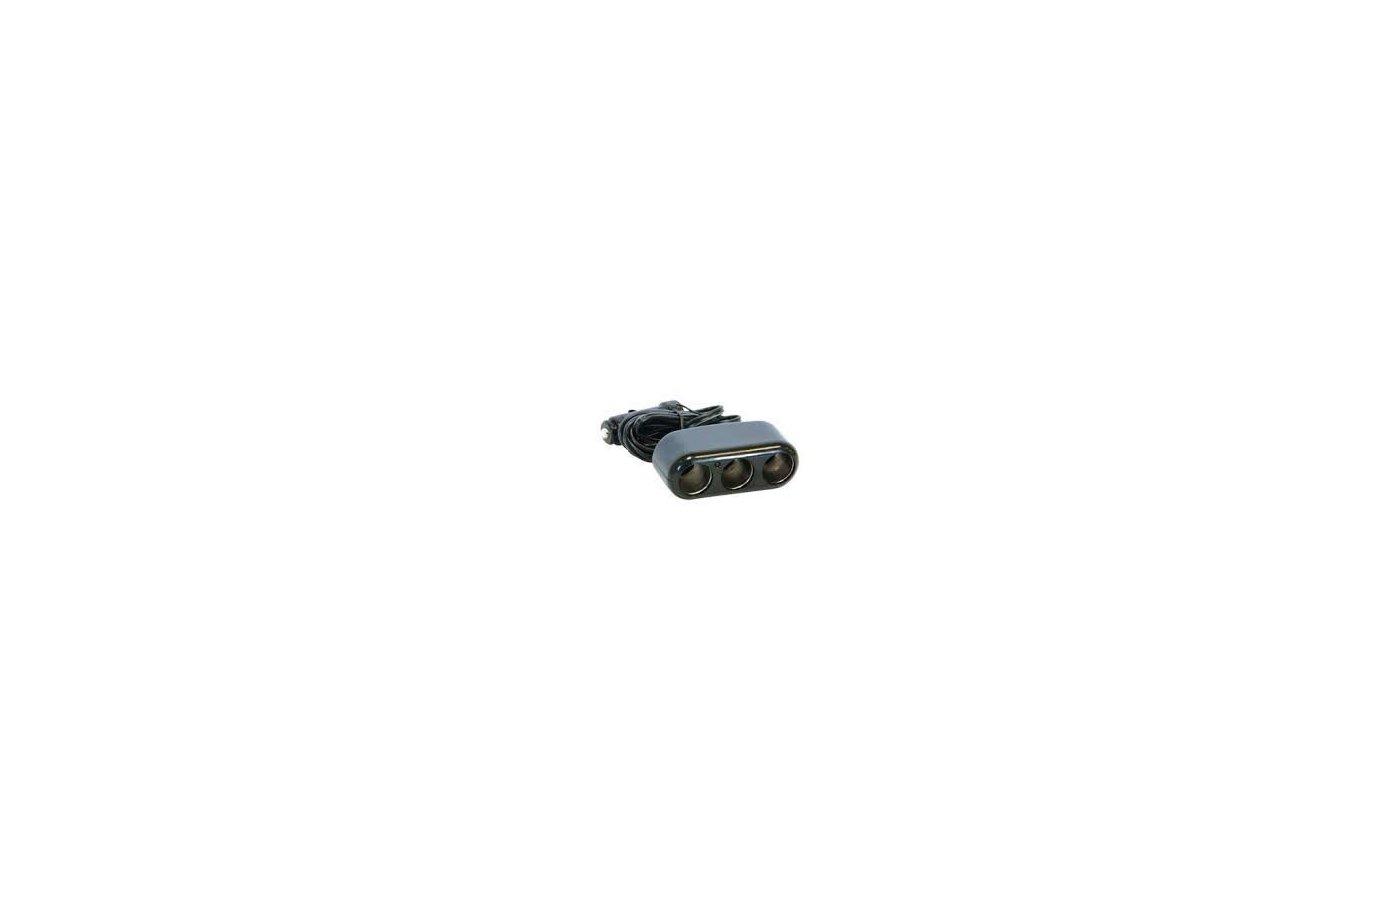 Разветвитель  AVS СS-301 (JL403G) 12/24V 3 в 1 с проводом